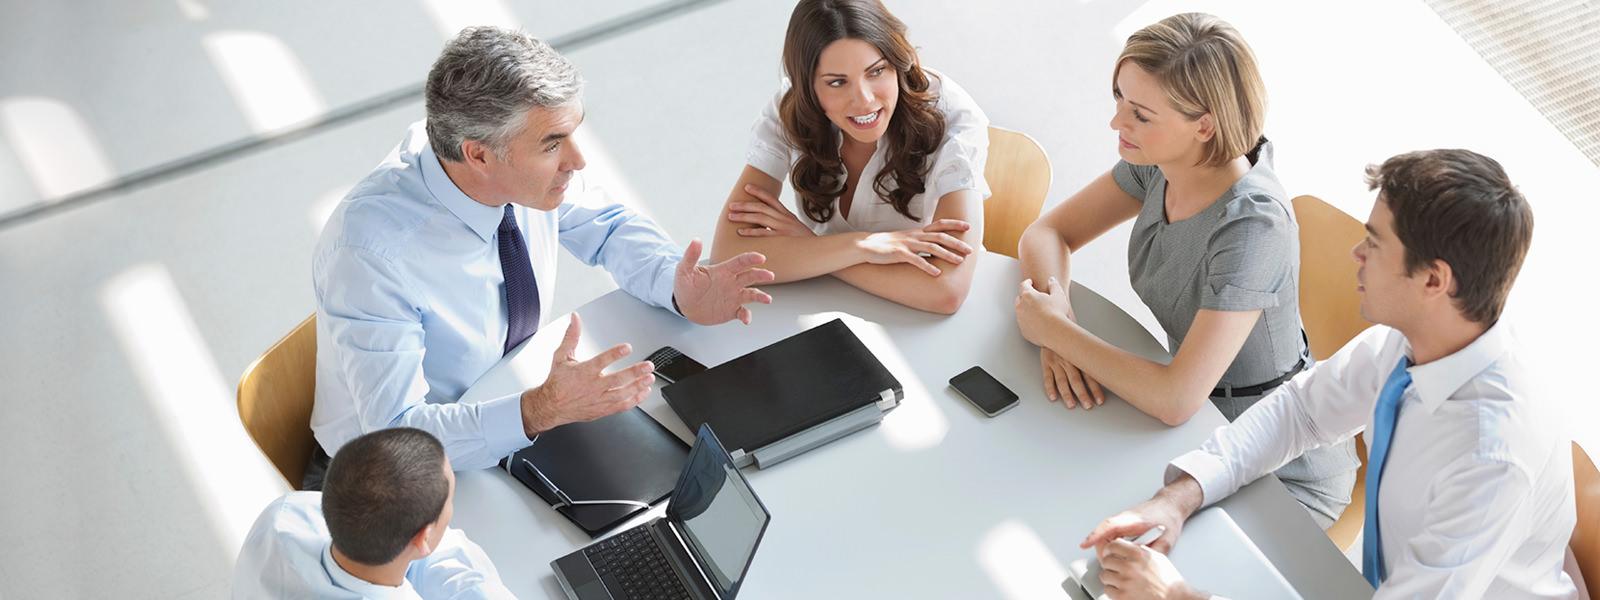 berita1 1 - Training Auditing Investment Activities